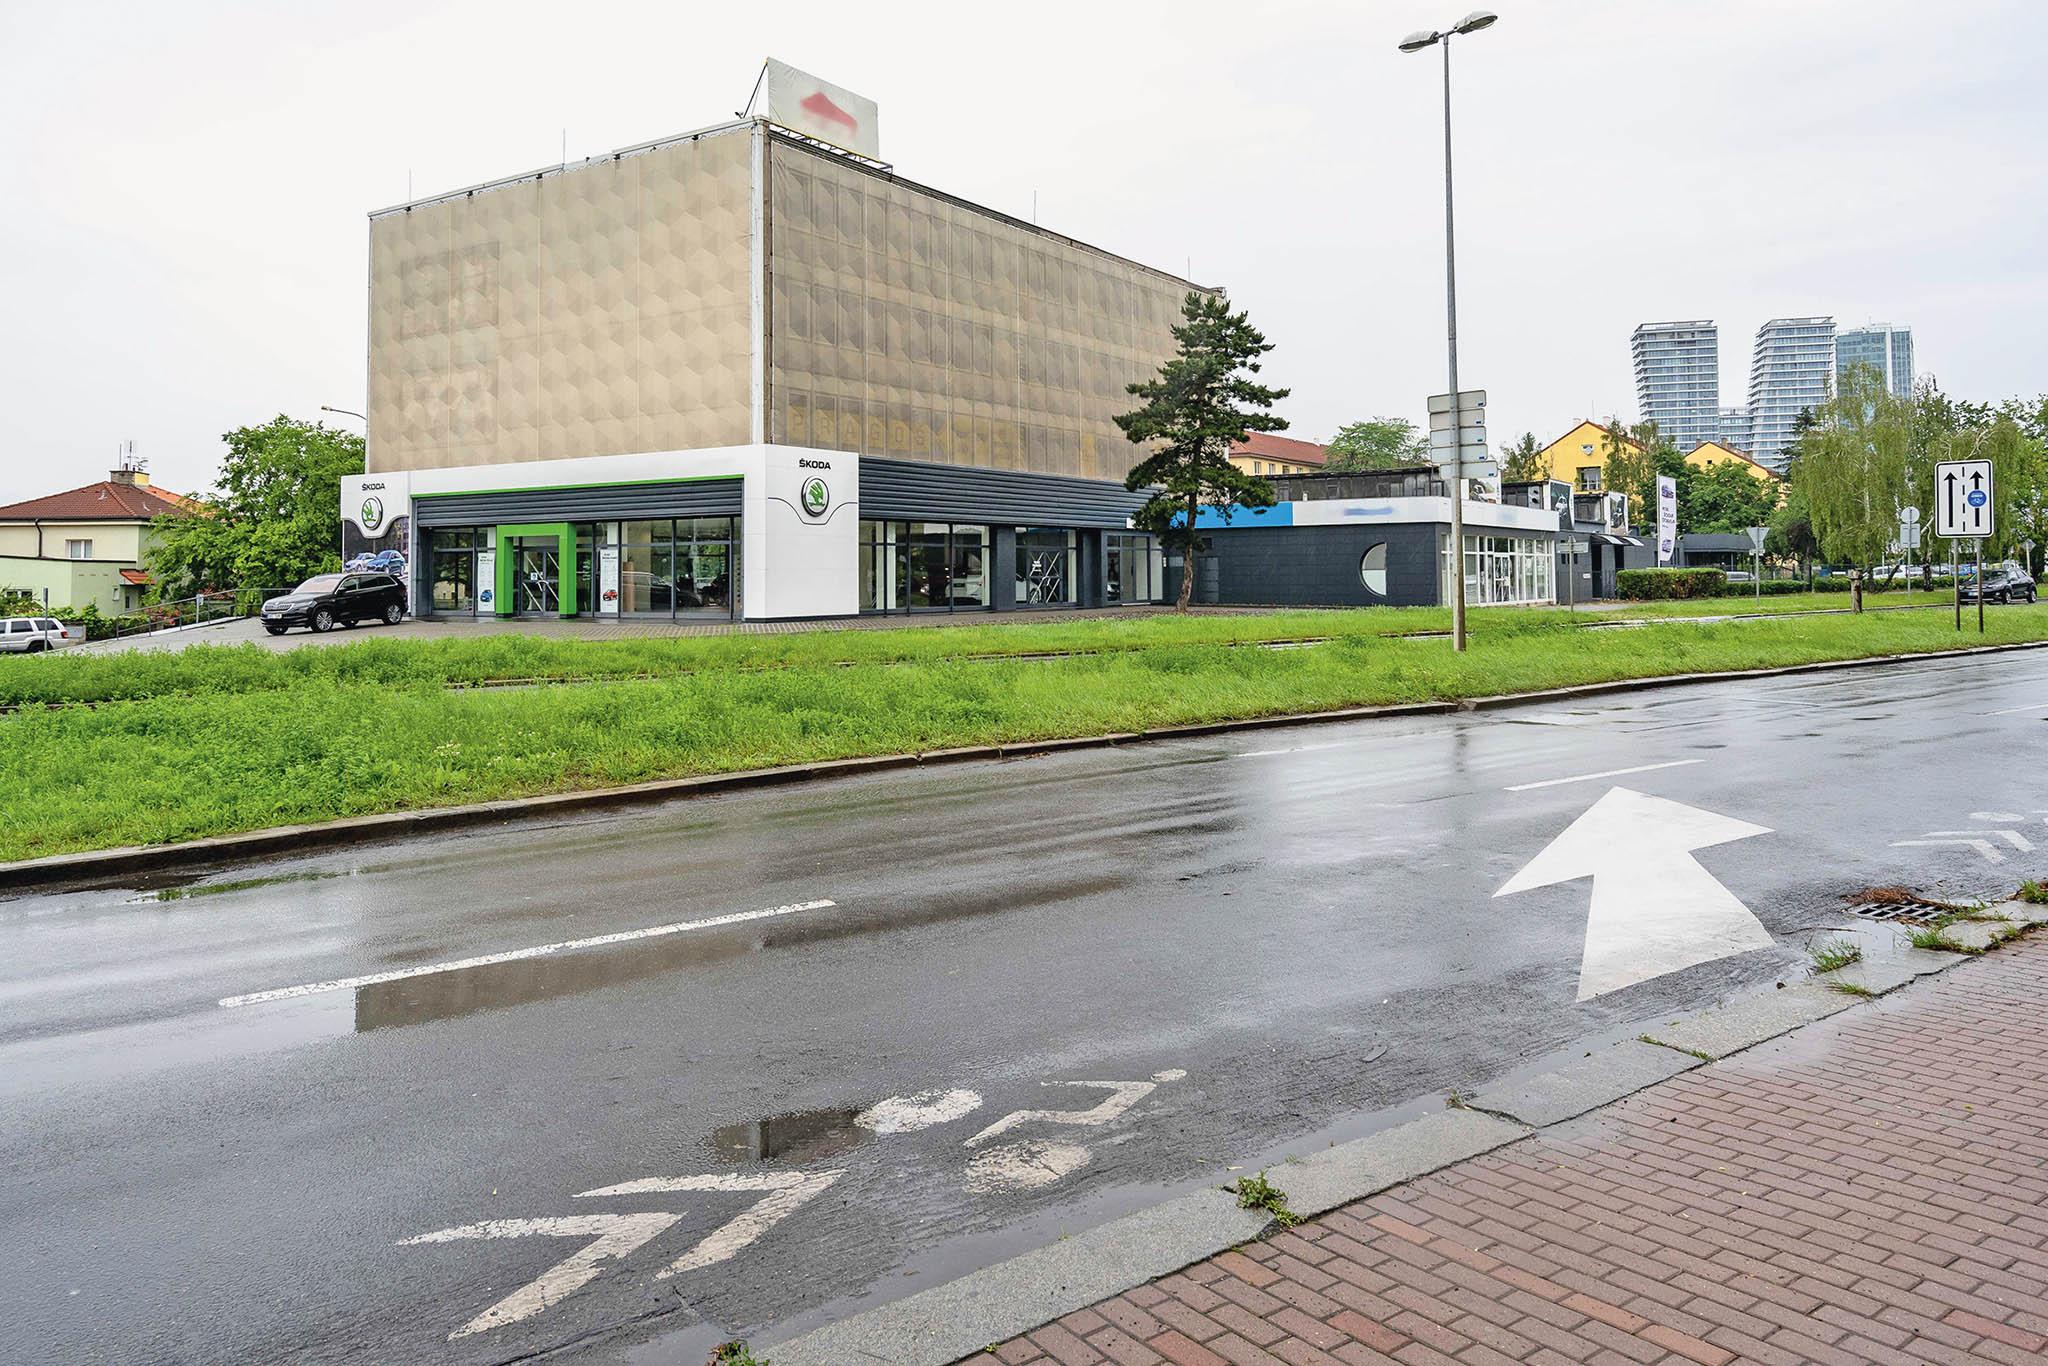 Vpřípadě dražby areálu vPraze 4 padly dva české rekordy von-line dražbách. Kromě nejvyšší celkové částky zároveň došlo krekordnímu nárůstu odvyvolávací ceny pokonečnou.